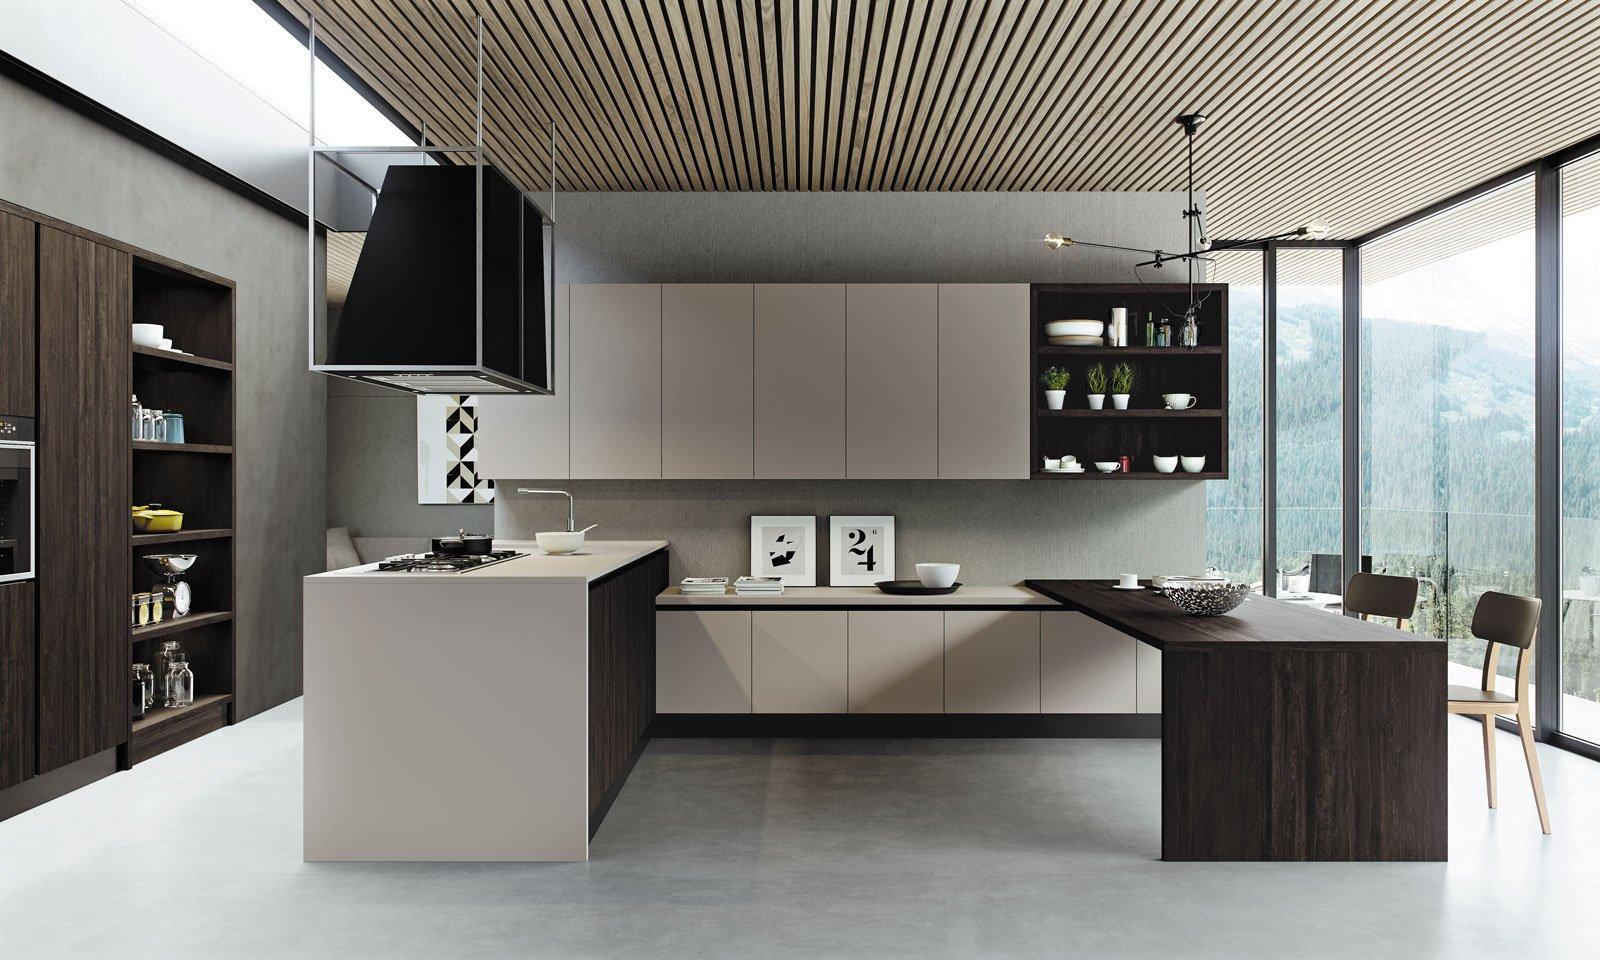 Cucine con cappa decorativa cose di casa - Arredo tre cucine ...